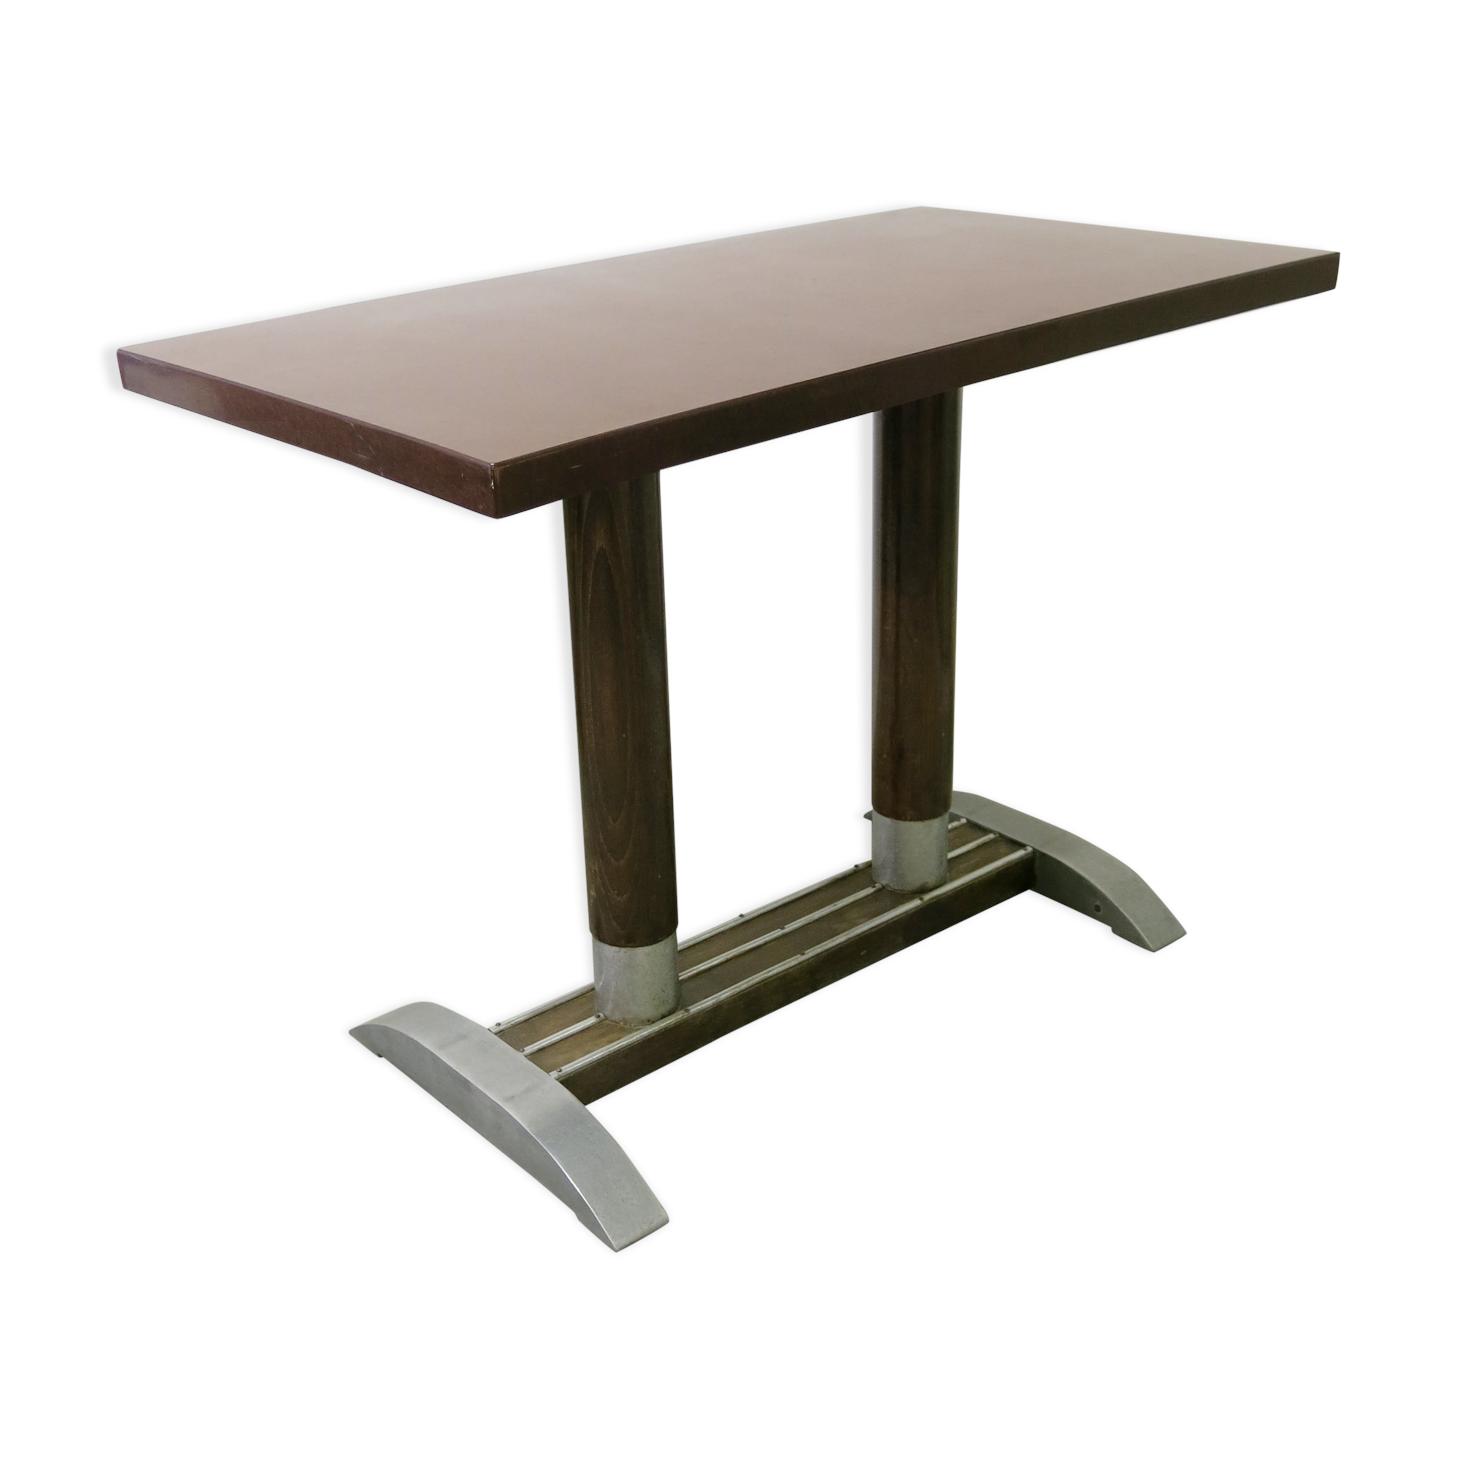 table bistrot de la marque fischel - bakélite - bordeaux - vintage